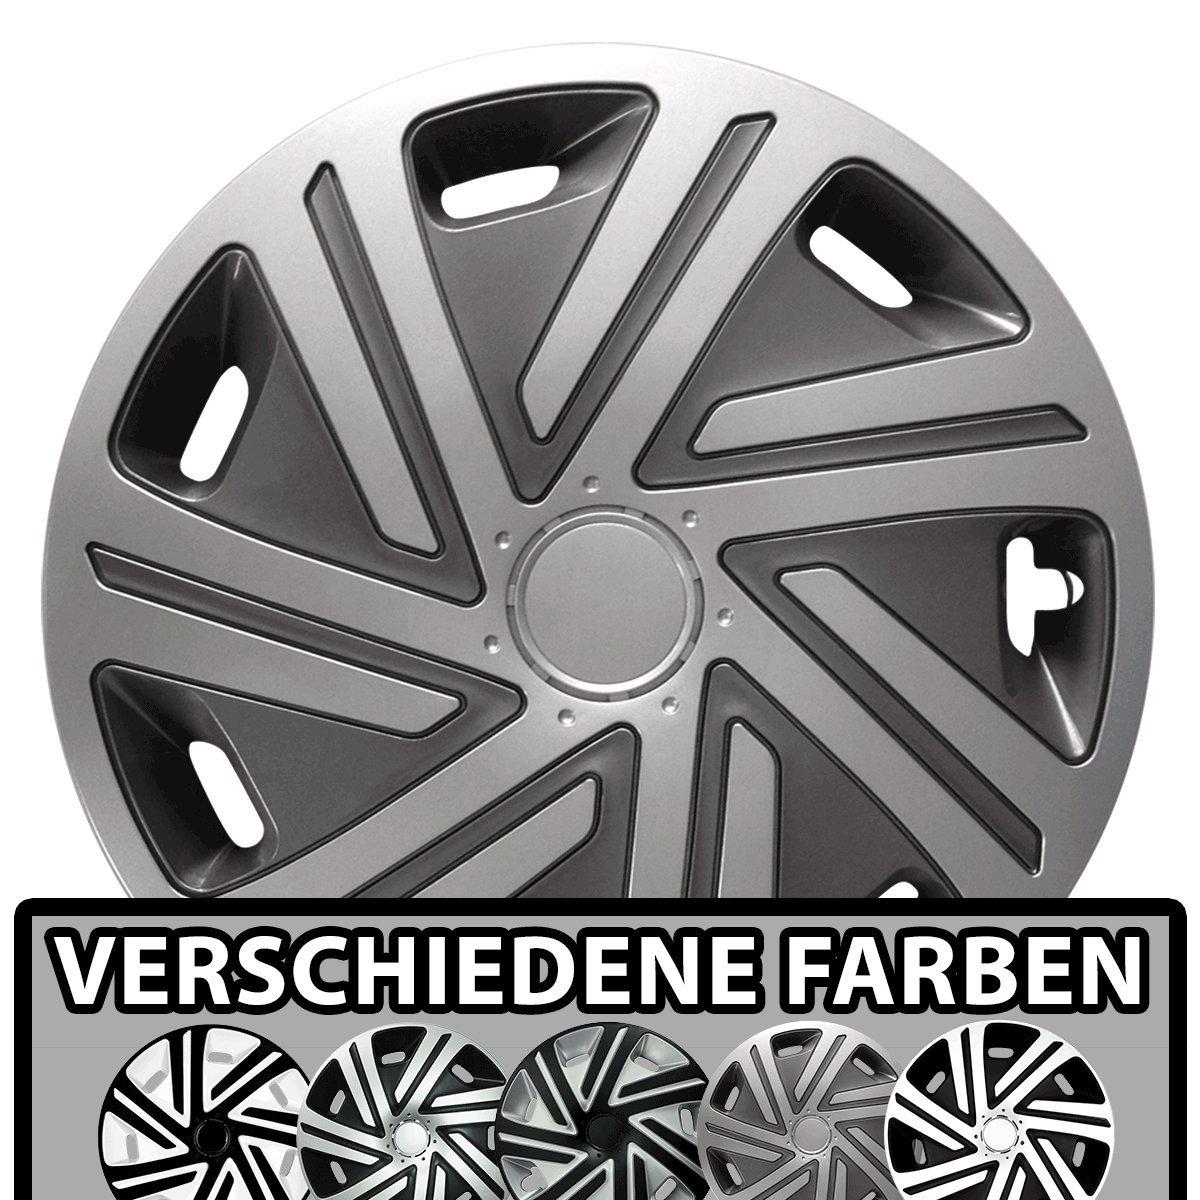 Eight Tec Handelsagentur (Größe und Farbe wählbar) Radzierblenden 14 Zoll – CYRKON (Schwarz-Silber) Bandel passend für Fast alle Fahrzeugtypen (universell)! RK-König